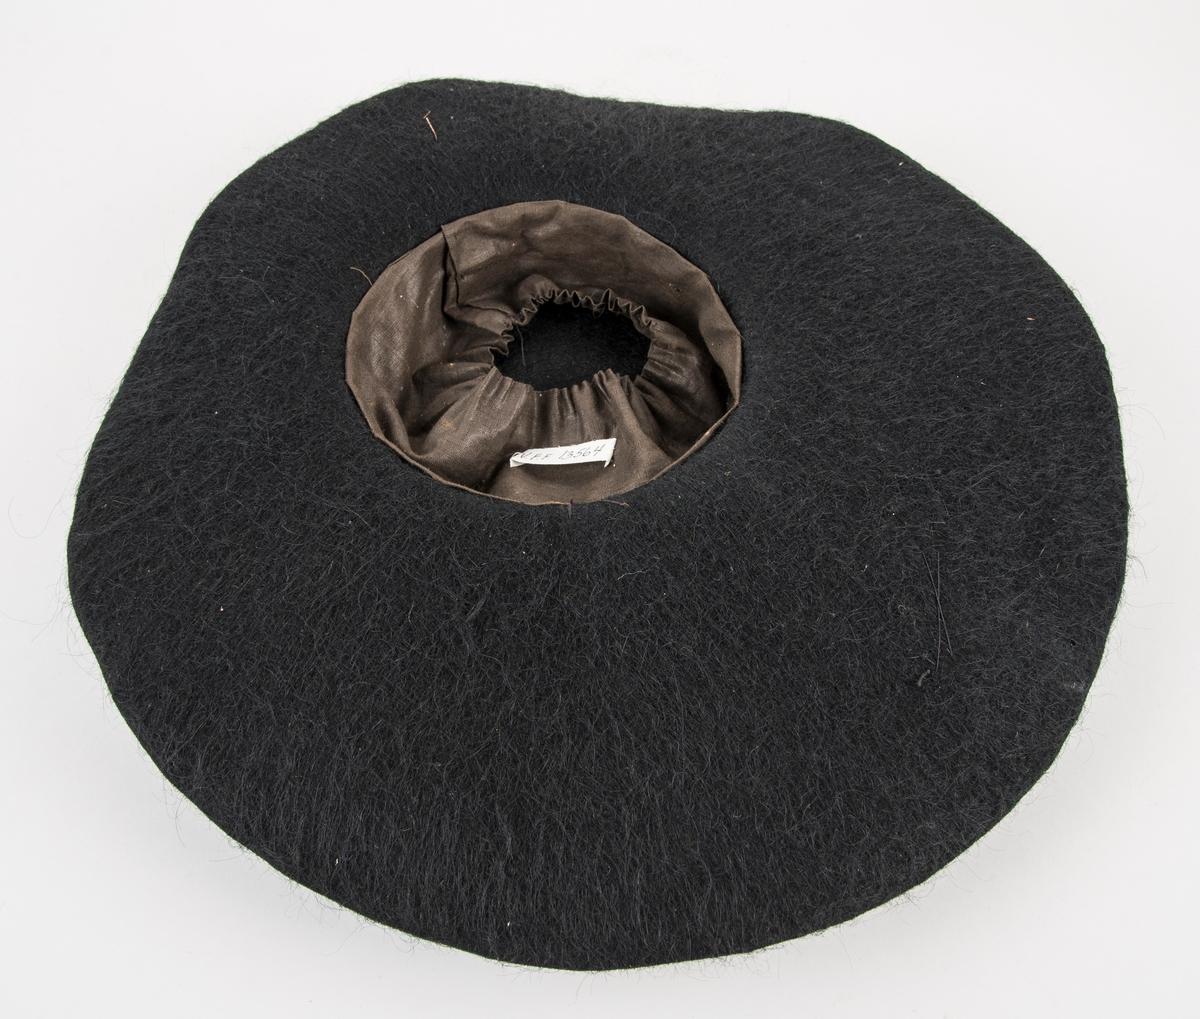 """Hatt, svart bredbremma filthatt. Svarte fløyelsband, pynta med metall """"nål"""". Fóra inne med brunt bomullstøy."""